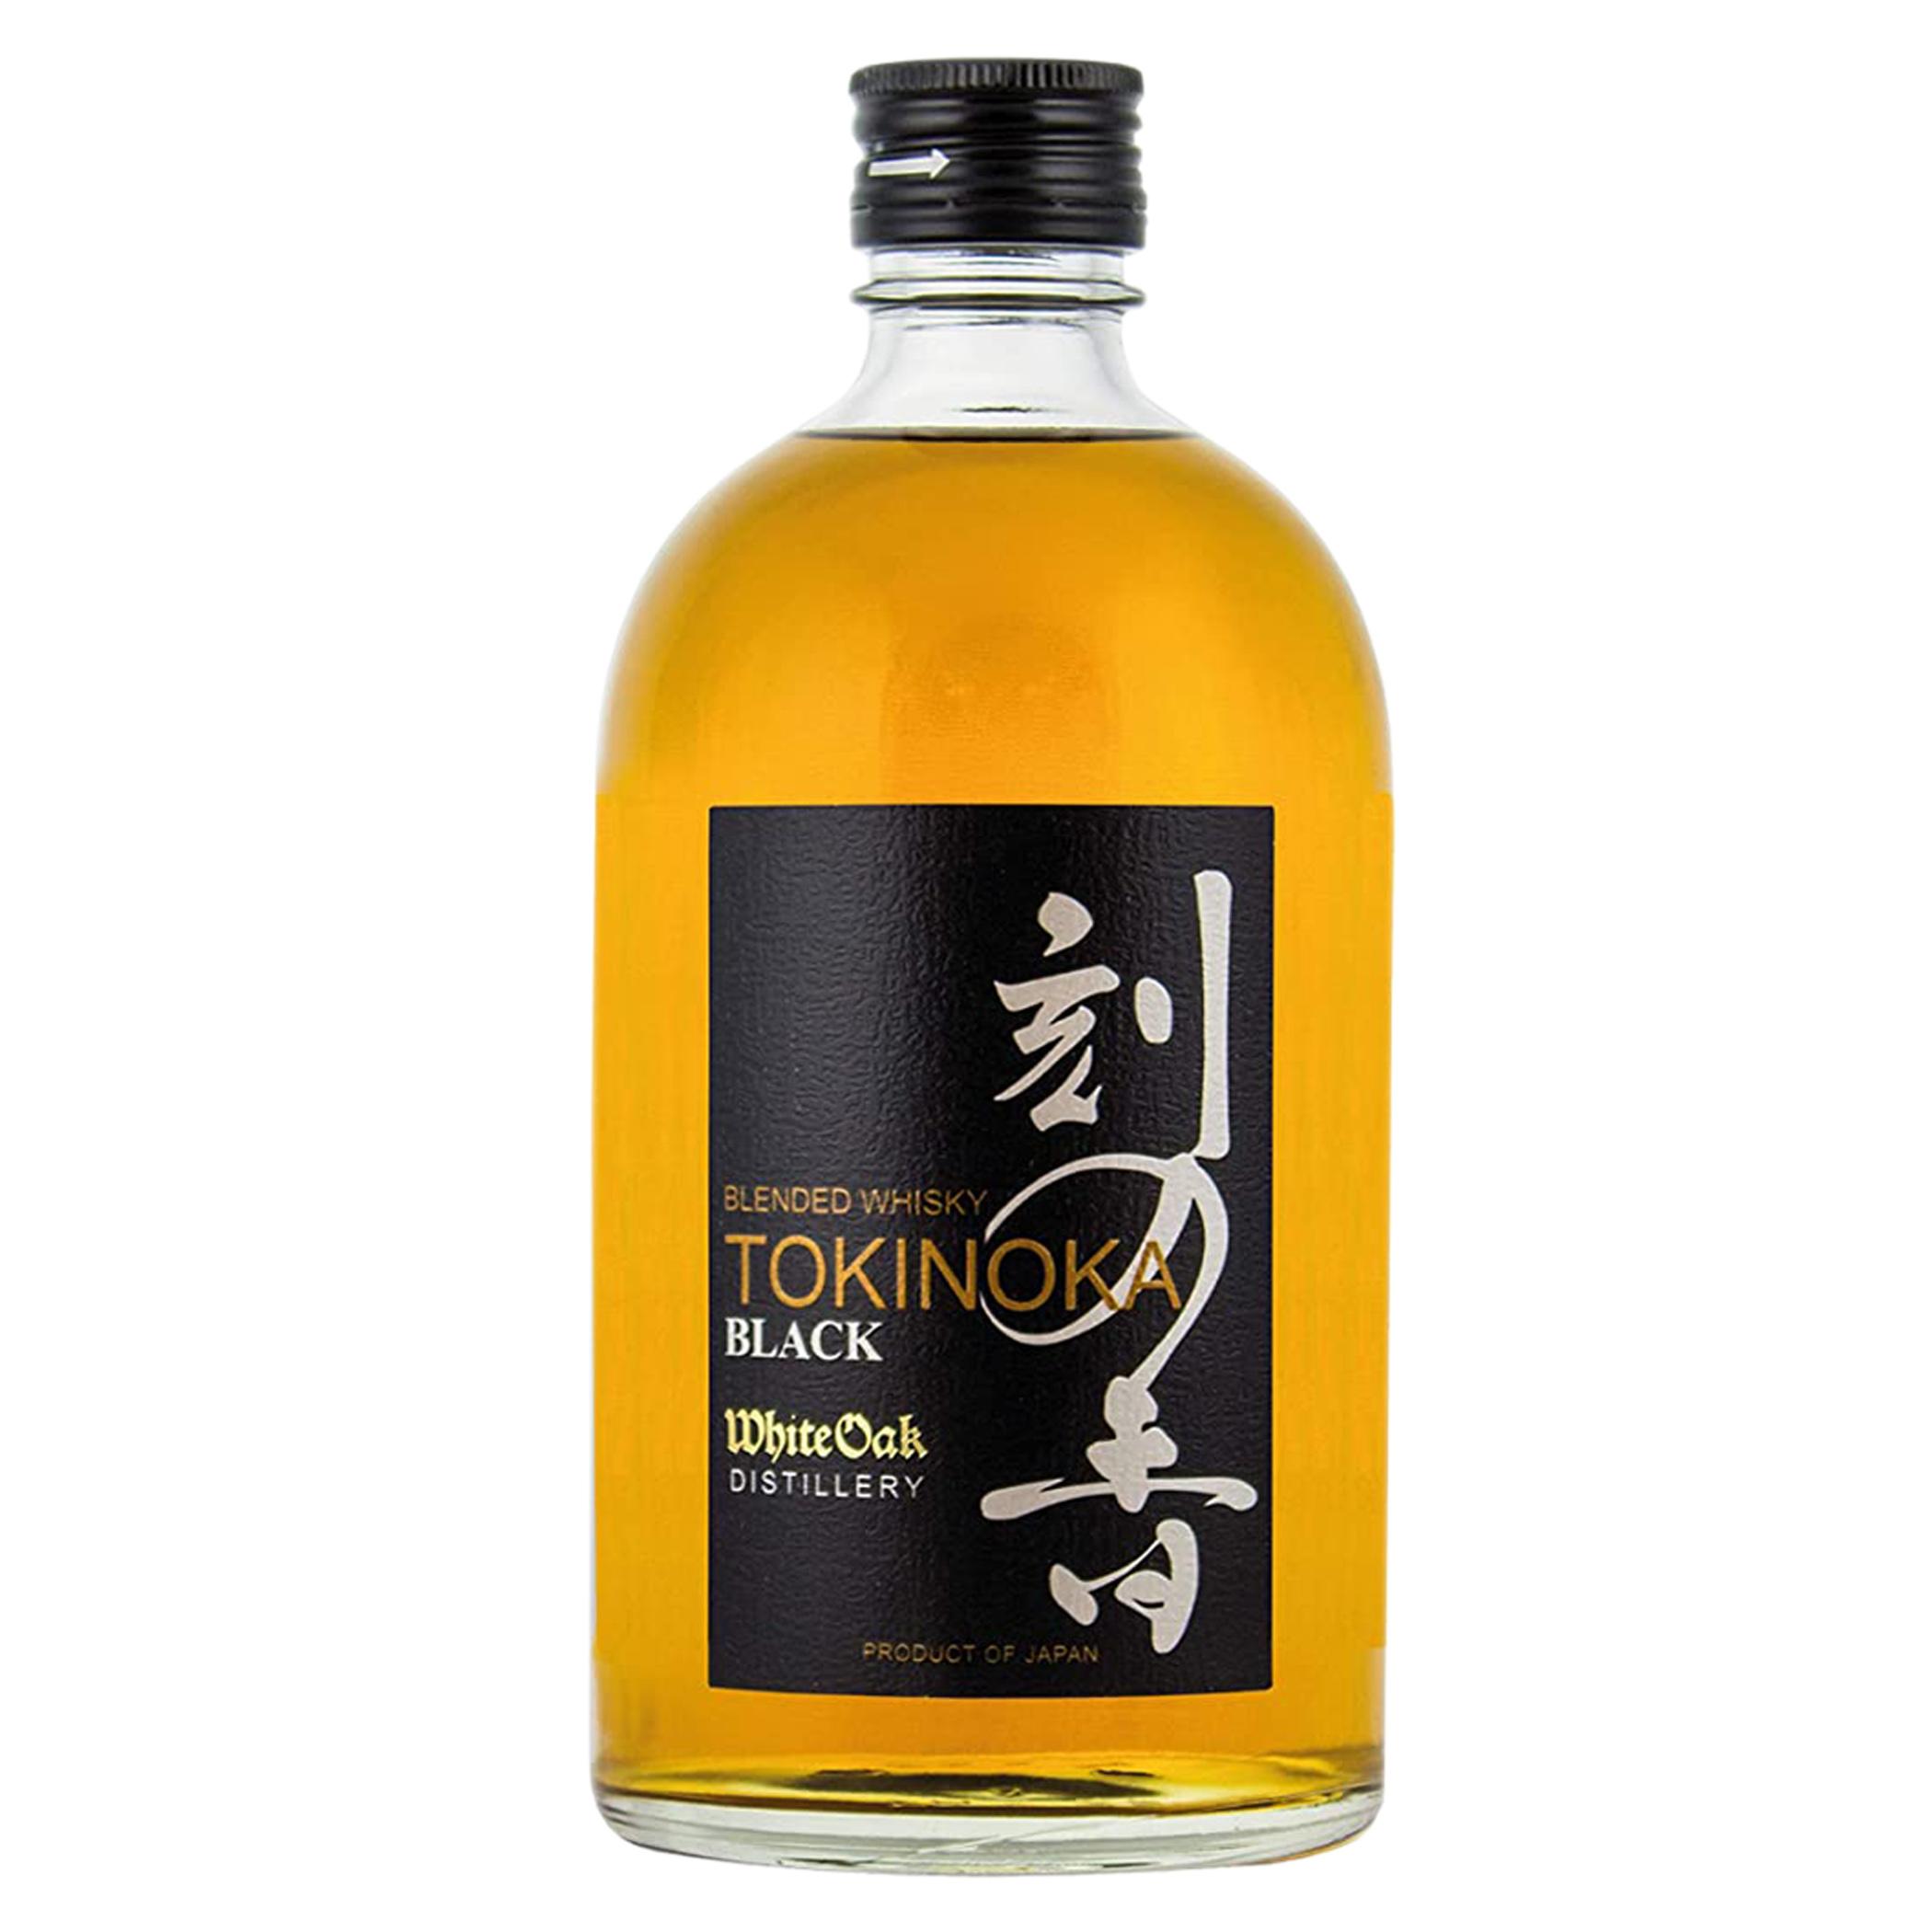 Tokinoka Black Japan Whisky